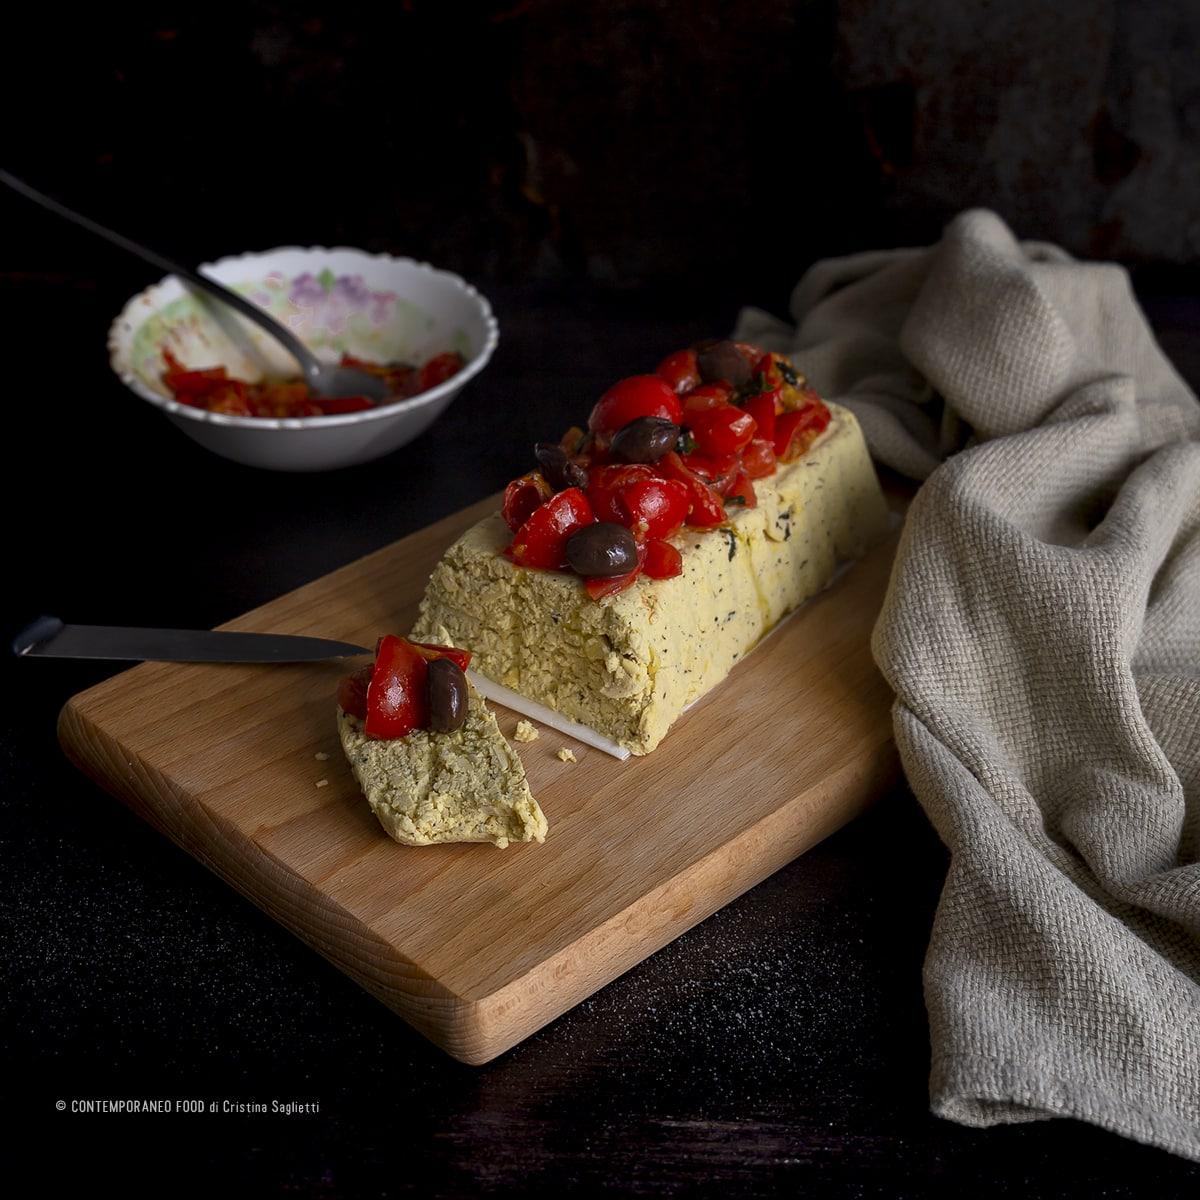 formaggio-di-lupini-terrina-ricetta-facile-veloce-dieta-veggie-vegetariana-ricetta-light-contemporaneo-food